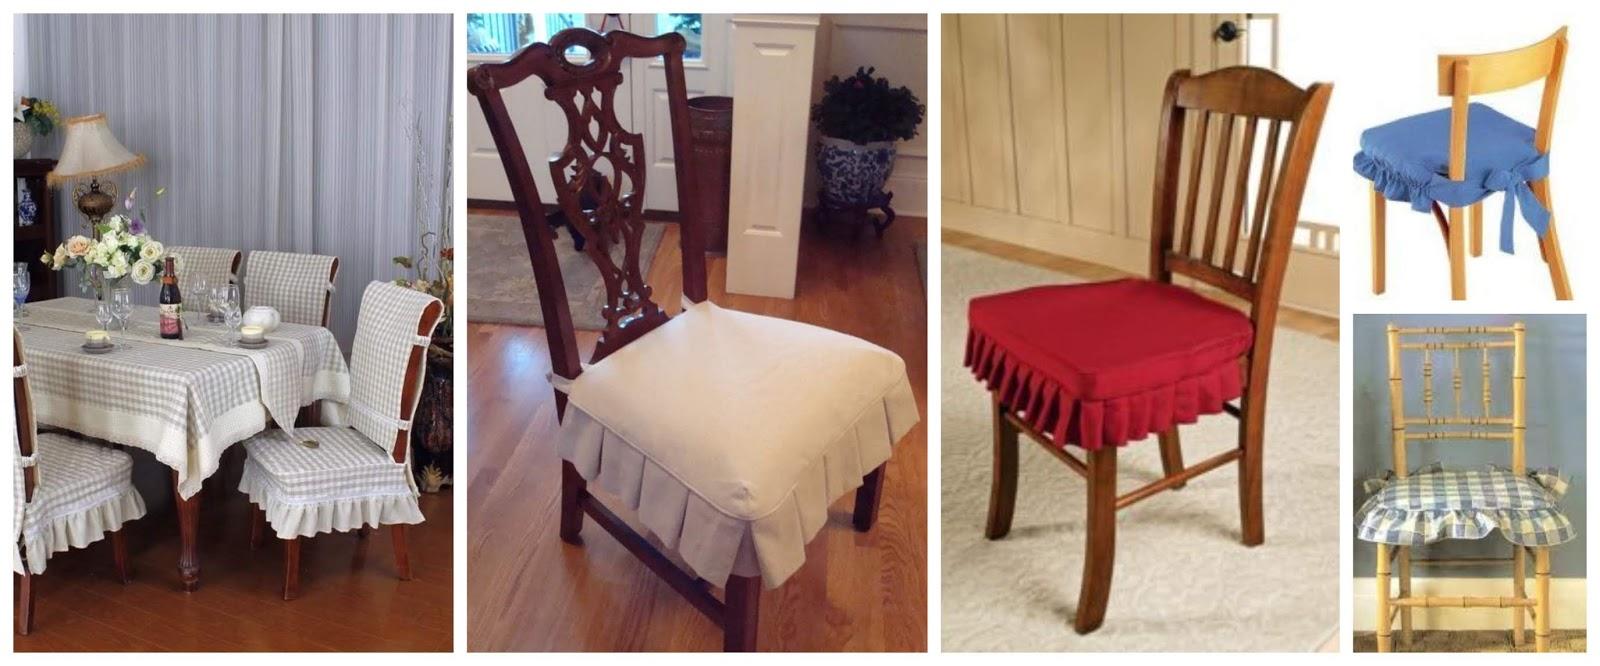 Aprende cómo hacer fundas para sillas paso a paso ~ Solountip.com